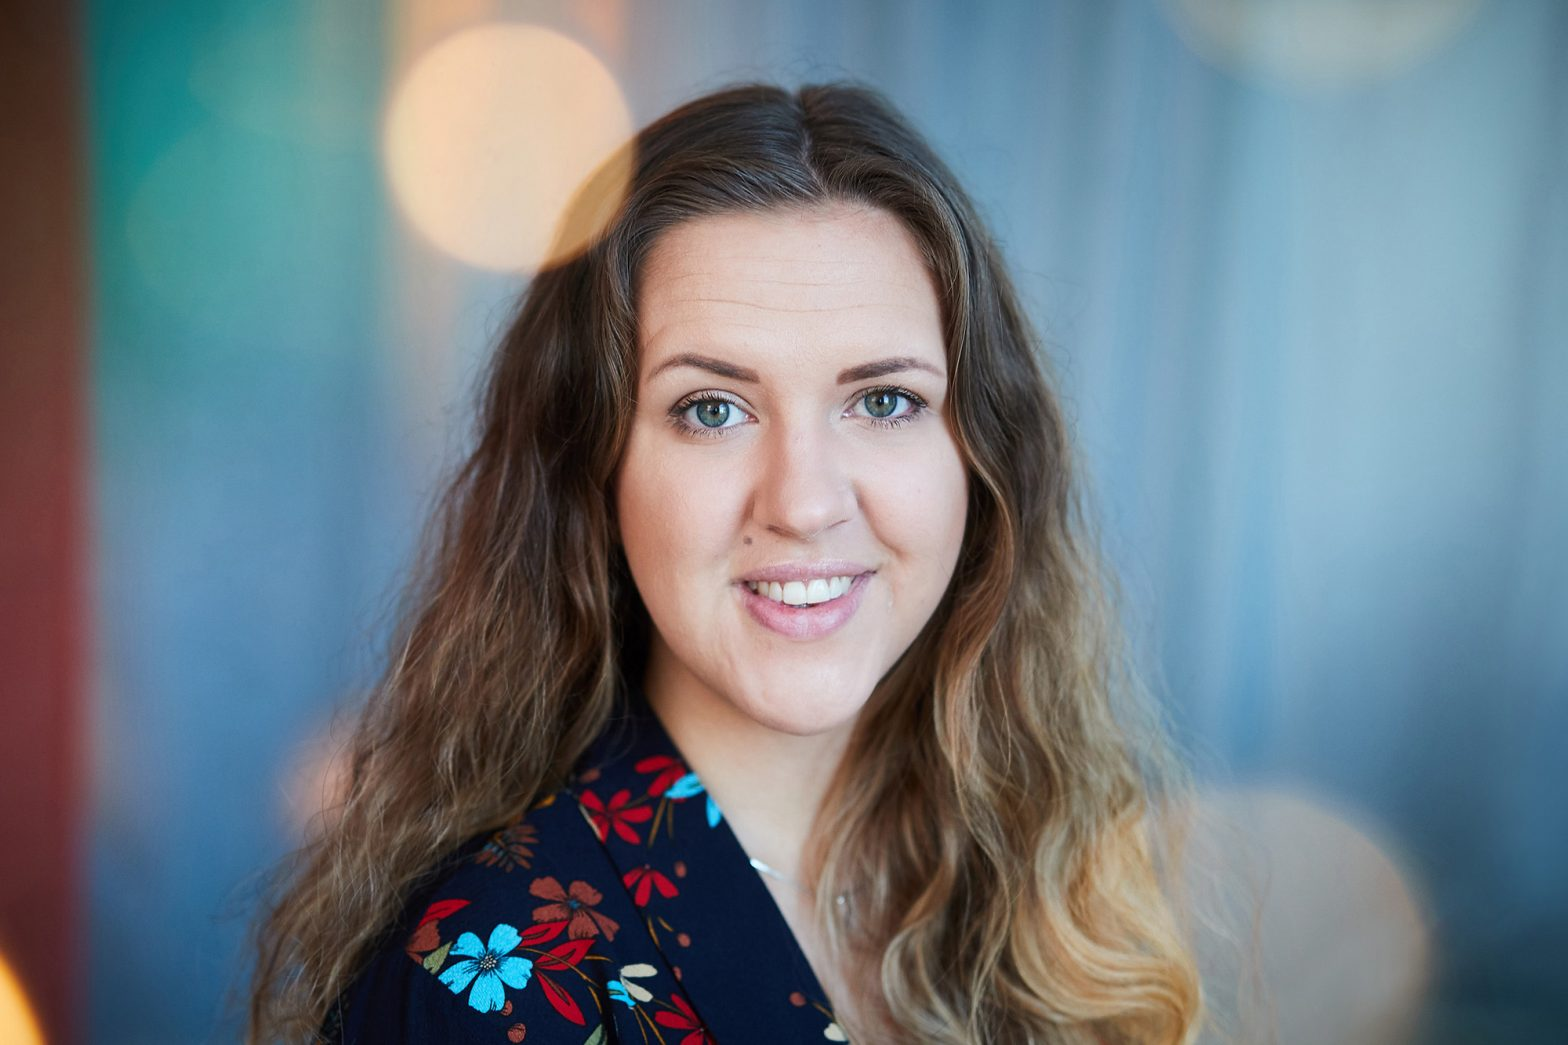 Sophia Vilhelmsson